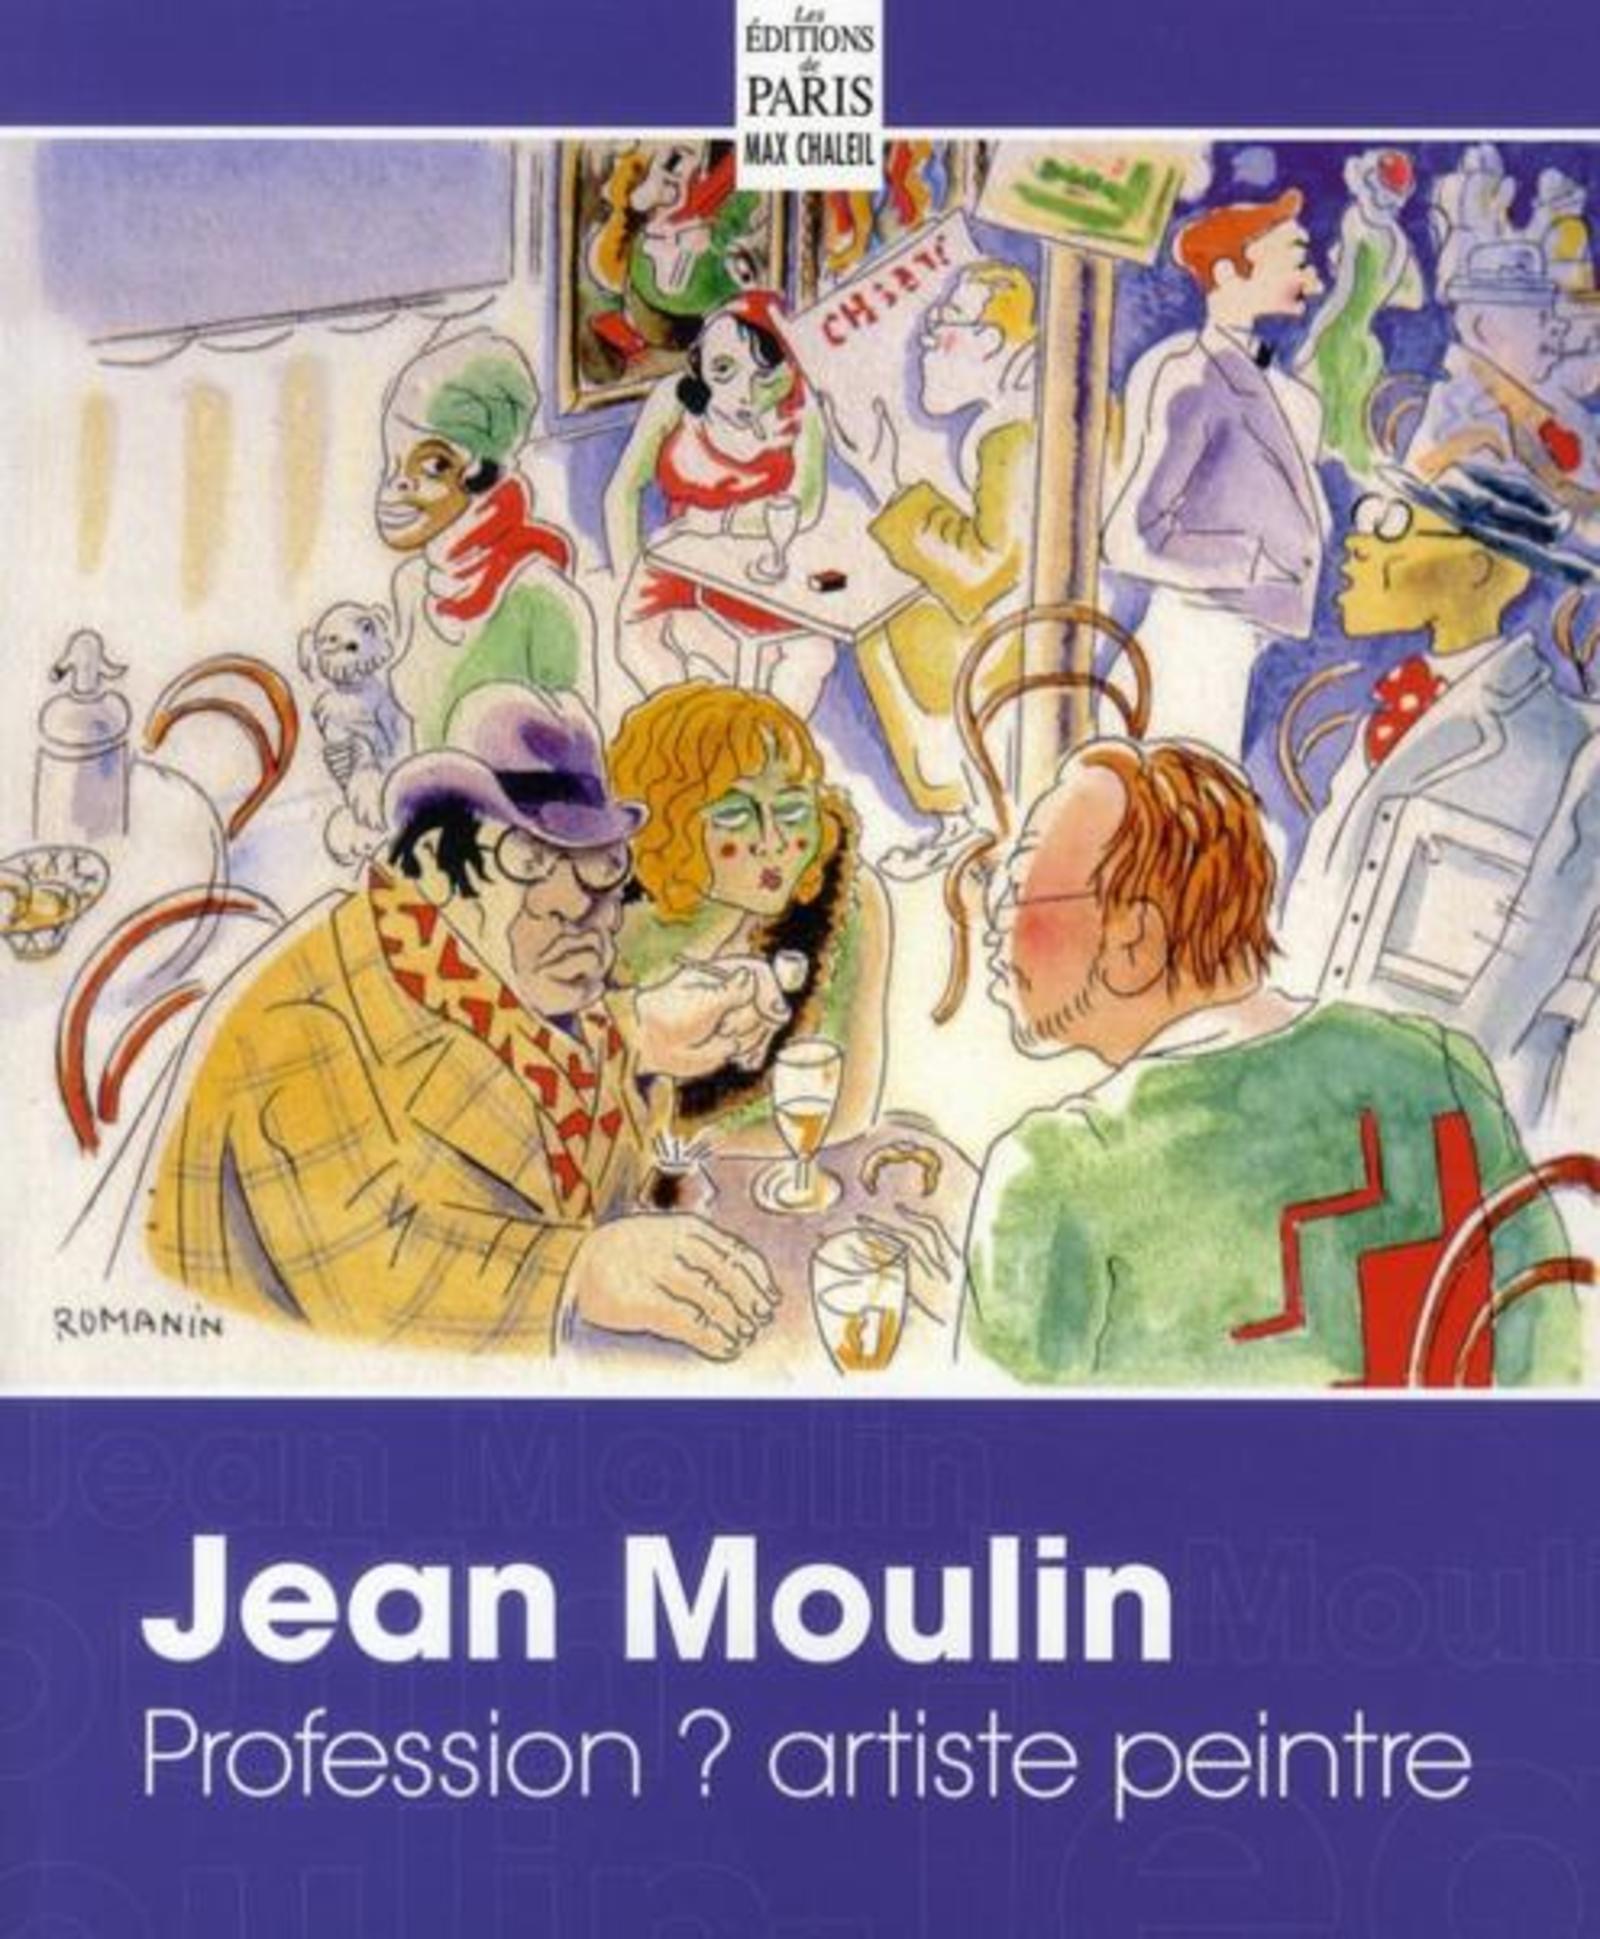 JEAN MOULIN PROFESSION ? ARTISTE PEINTRE - DESSINS, AQUARELLES, EAUX-FORTES